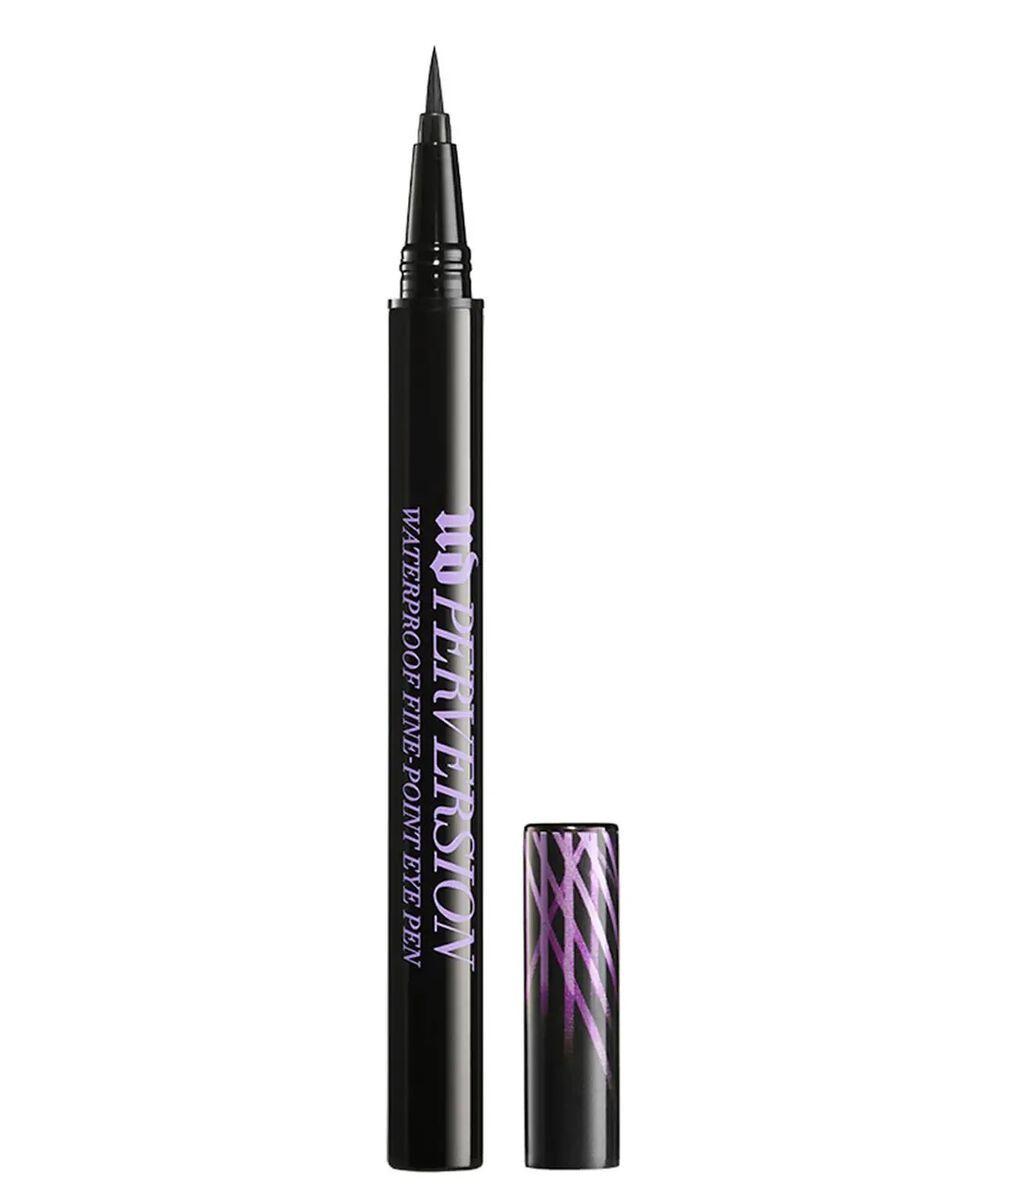 UrbanDecay-Perversion-Waterproof-Pen